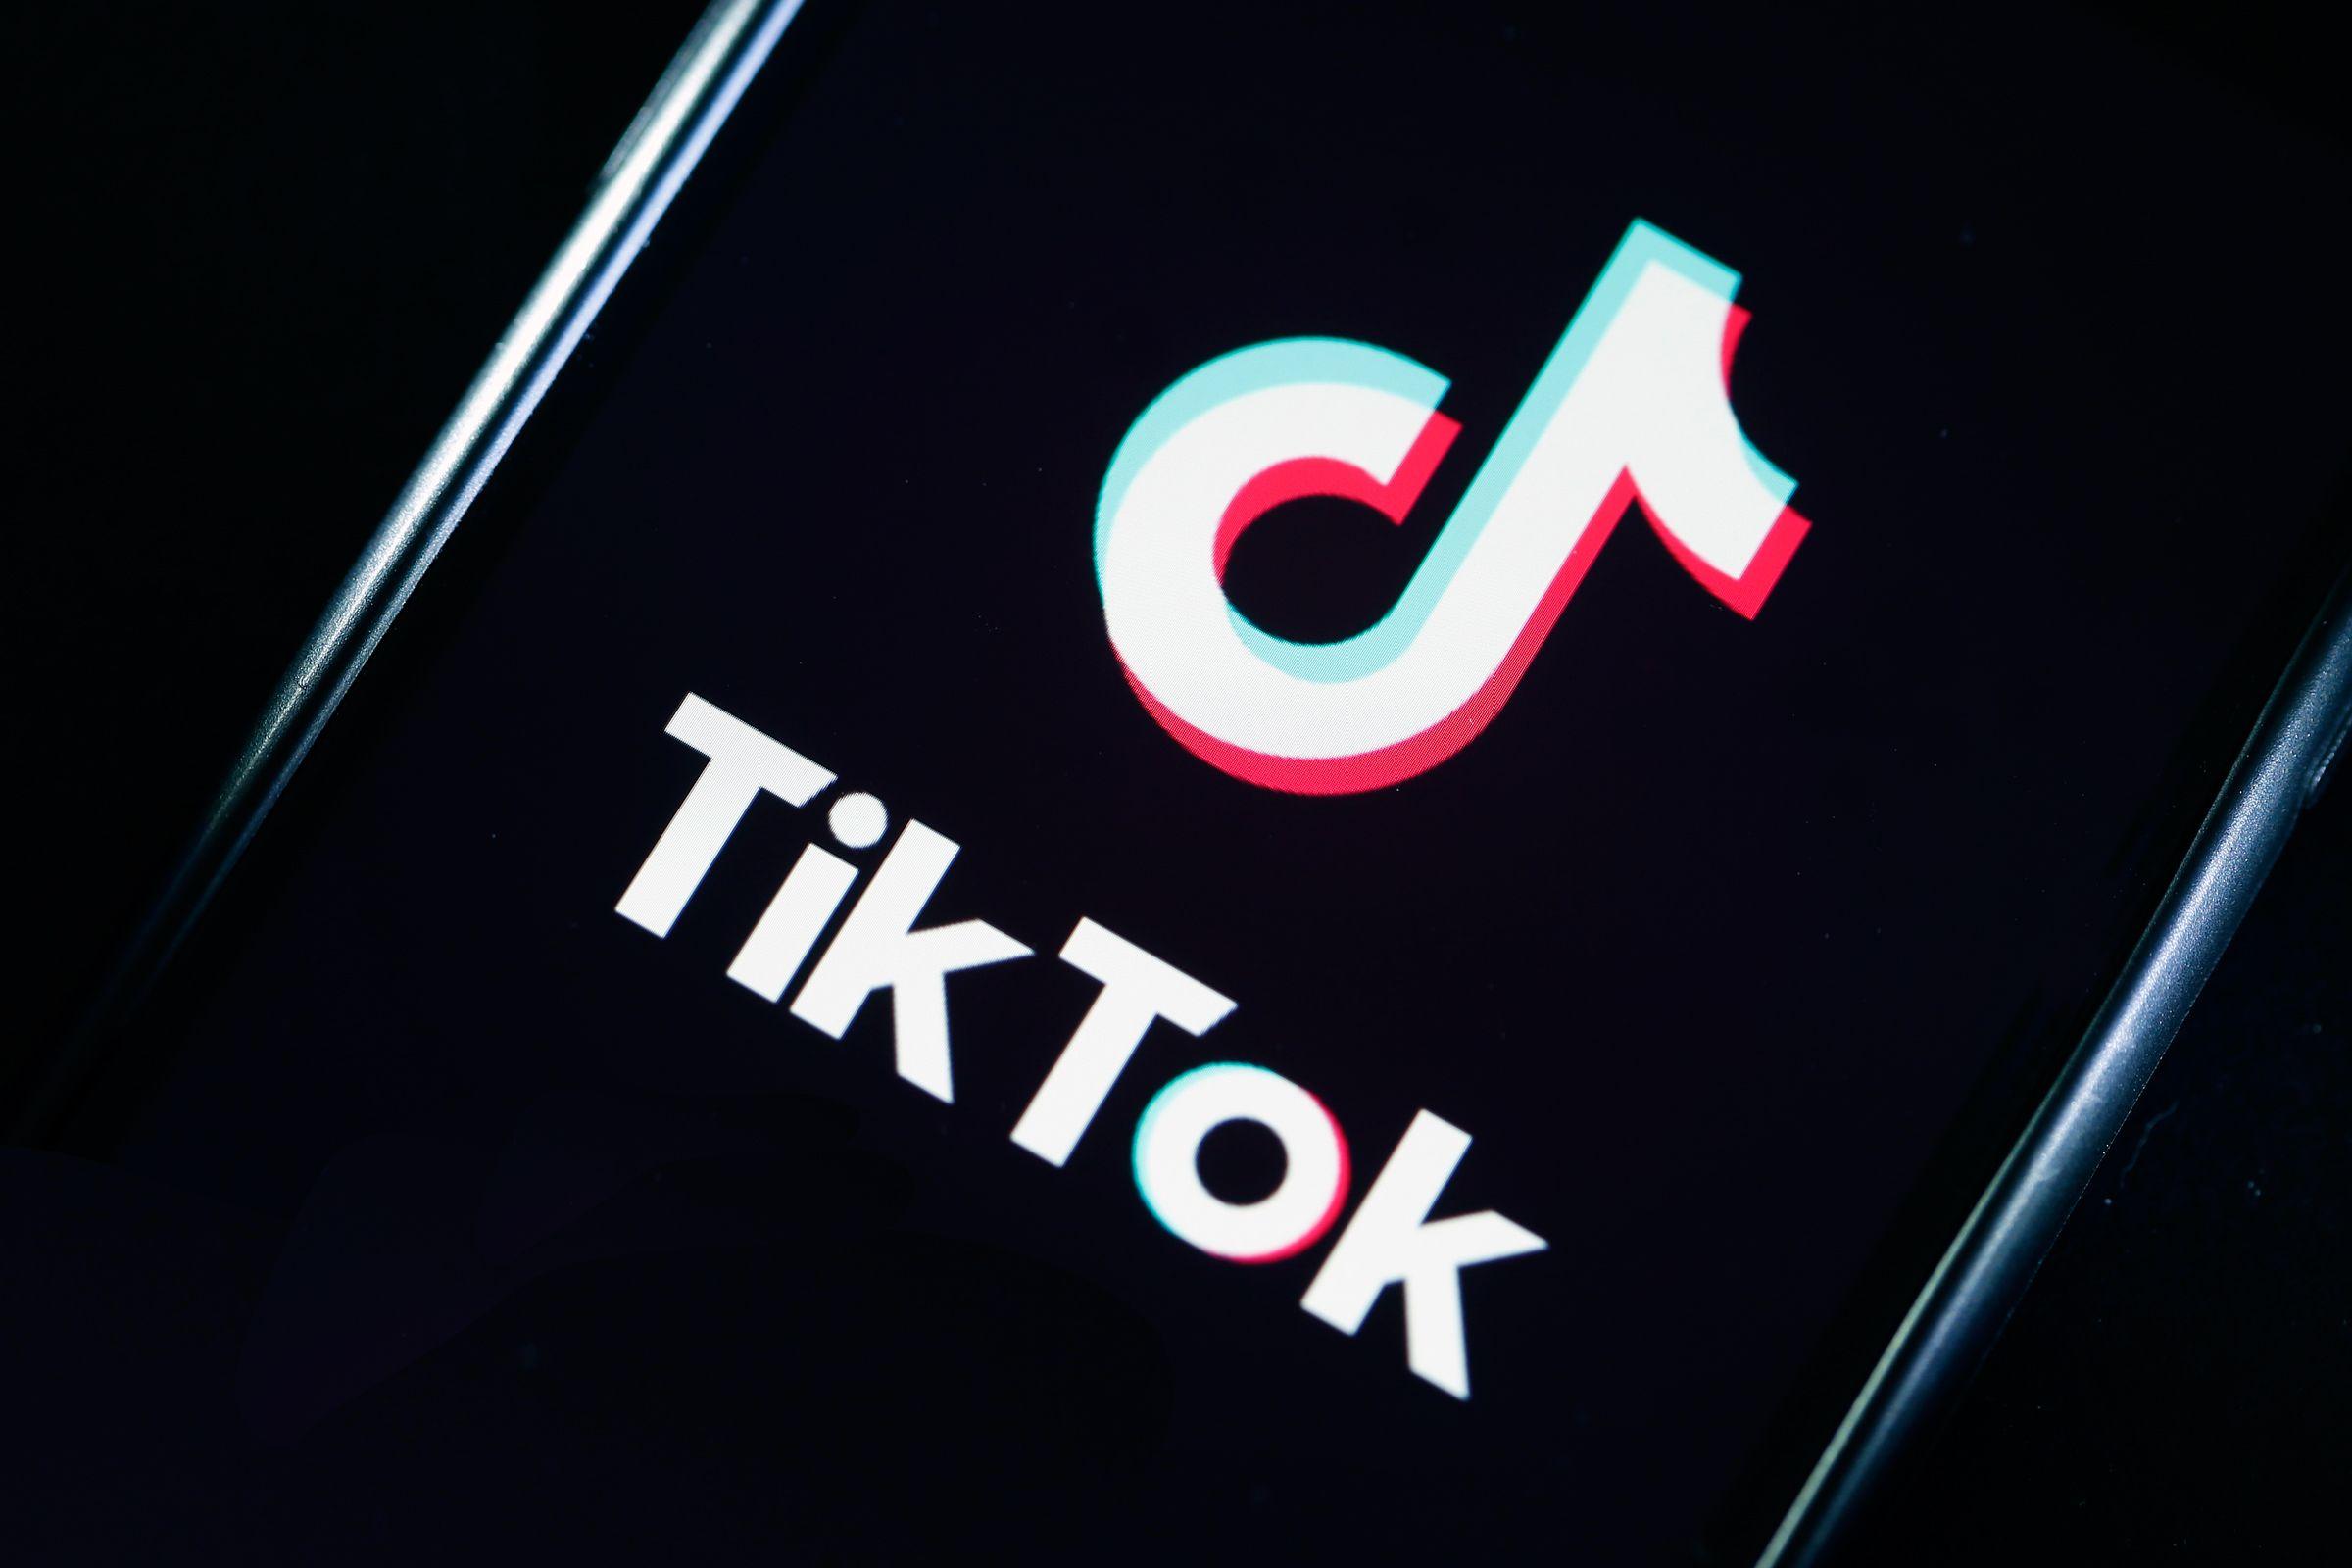 ЗМІ: Байден може посилити контроль над TikTok, WeChat та іншими китайськими додатками